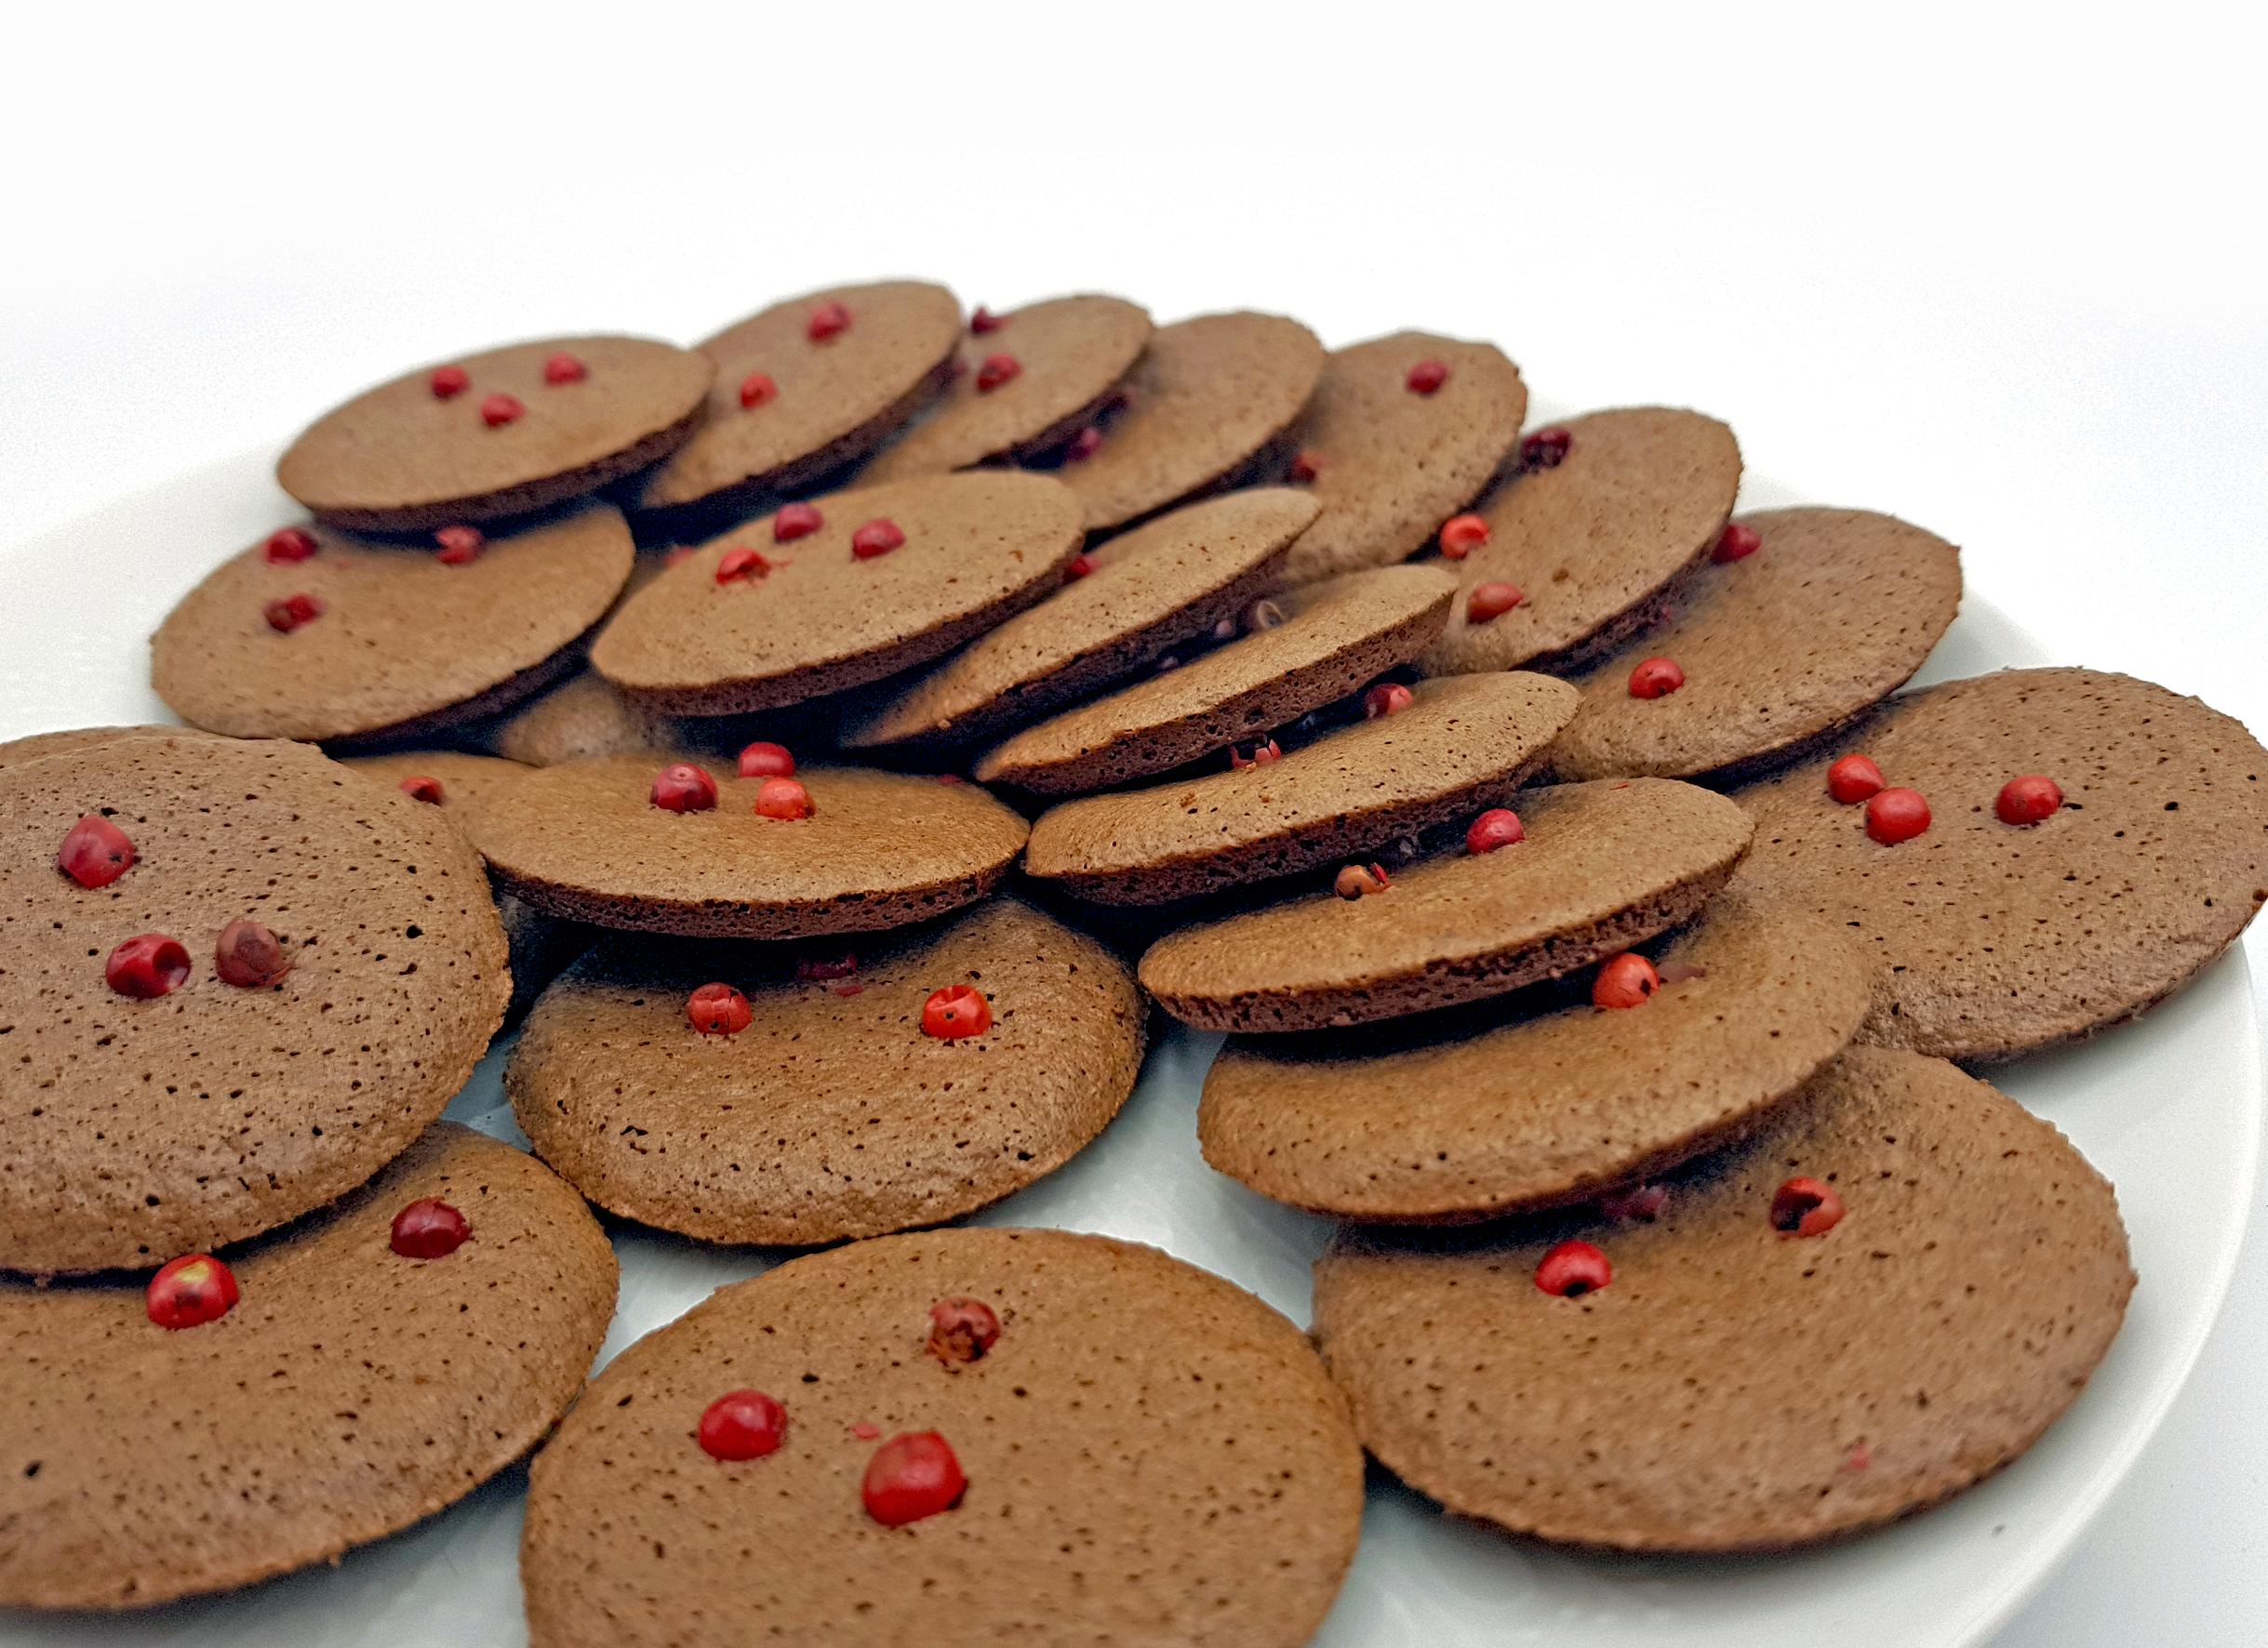 Zum Backen nur hochwertigen Kakao verwenden